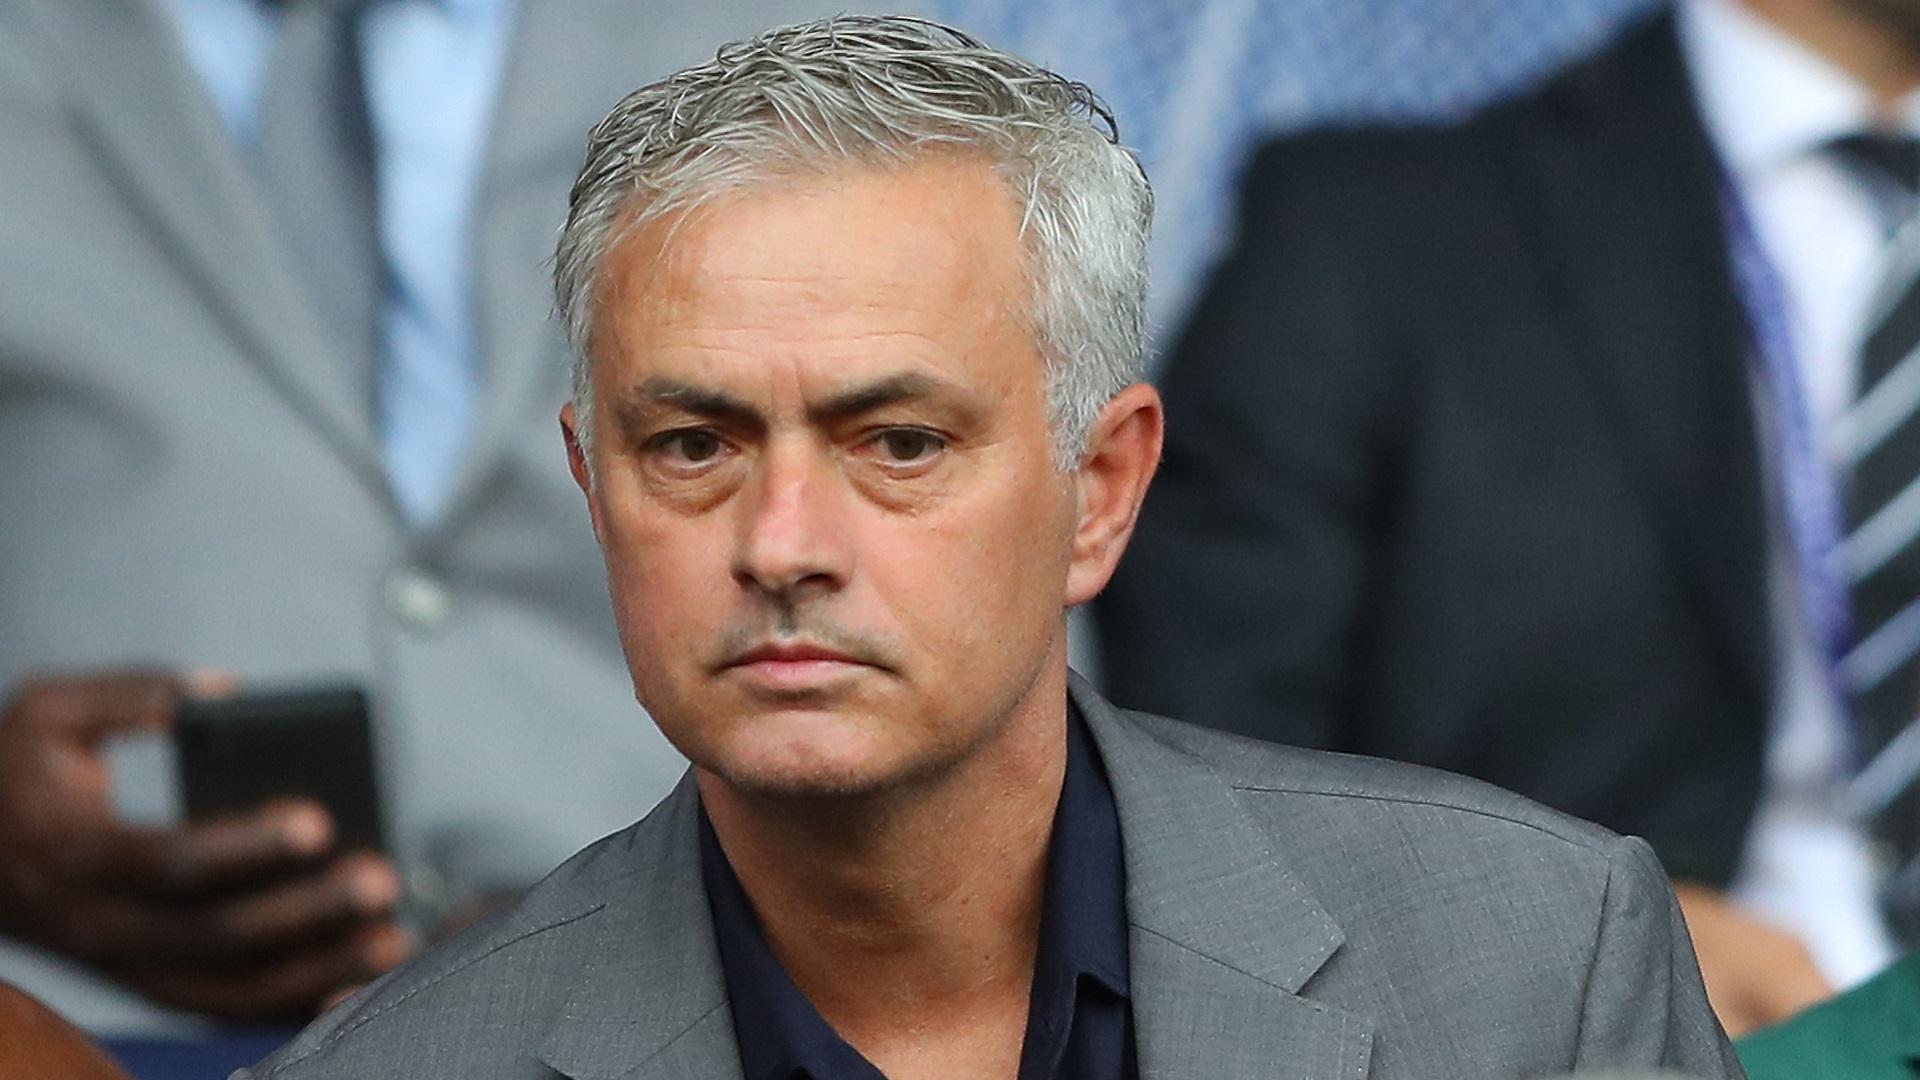 Pour Mourinho, l'équipe B de Manchester City a plus de chances de gagner la PL que United ou Chelsea